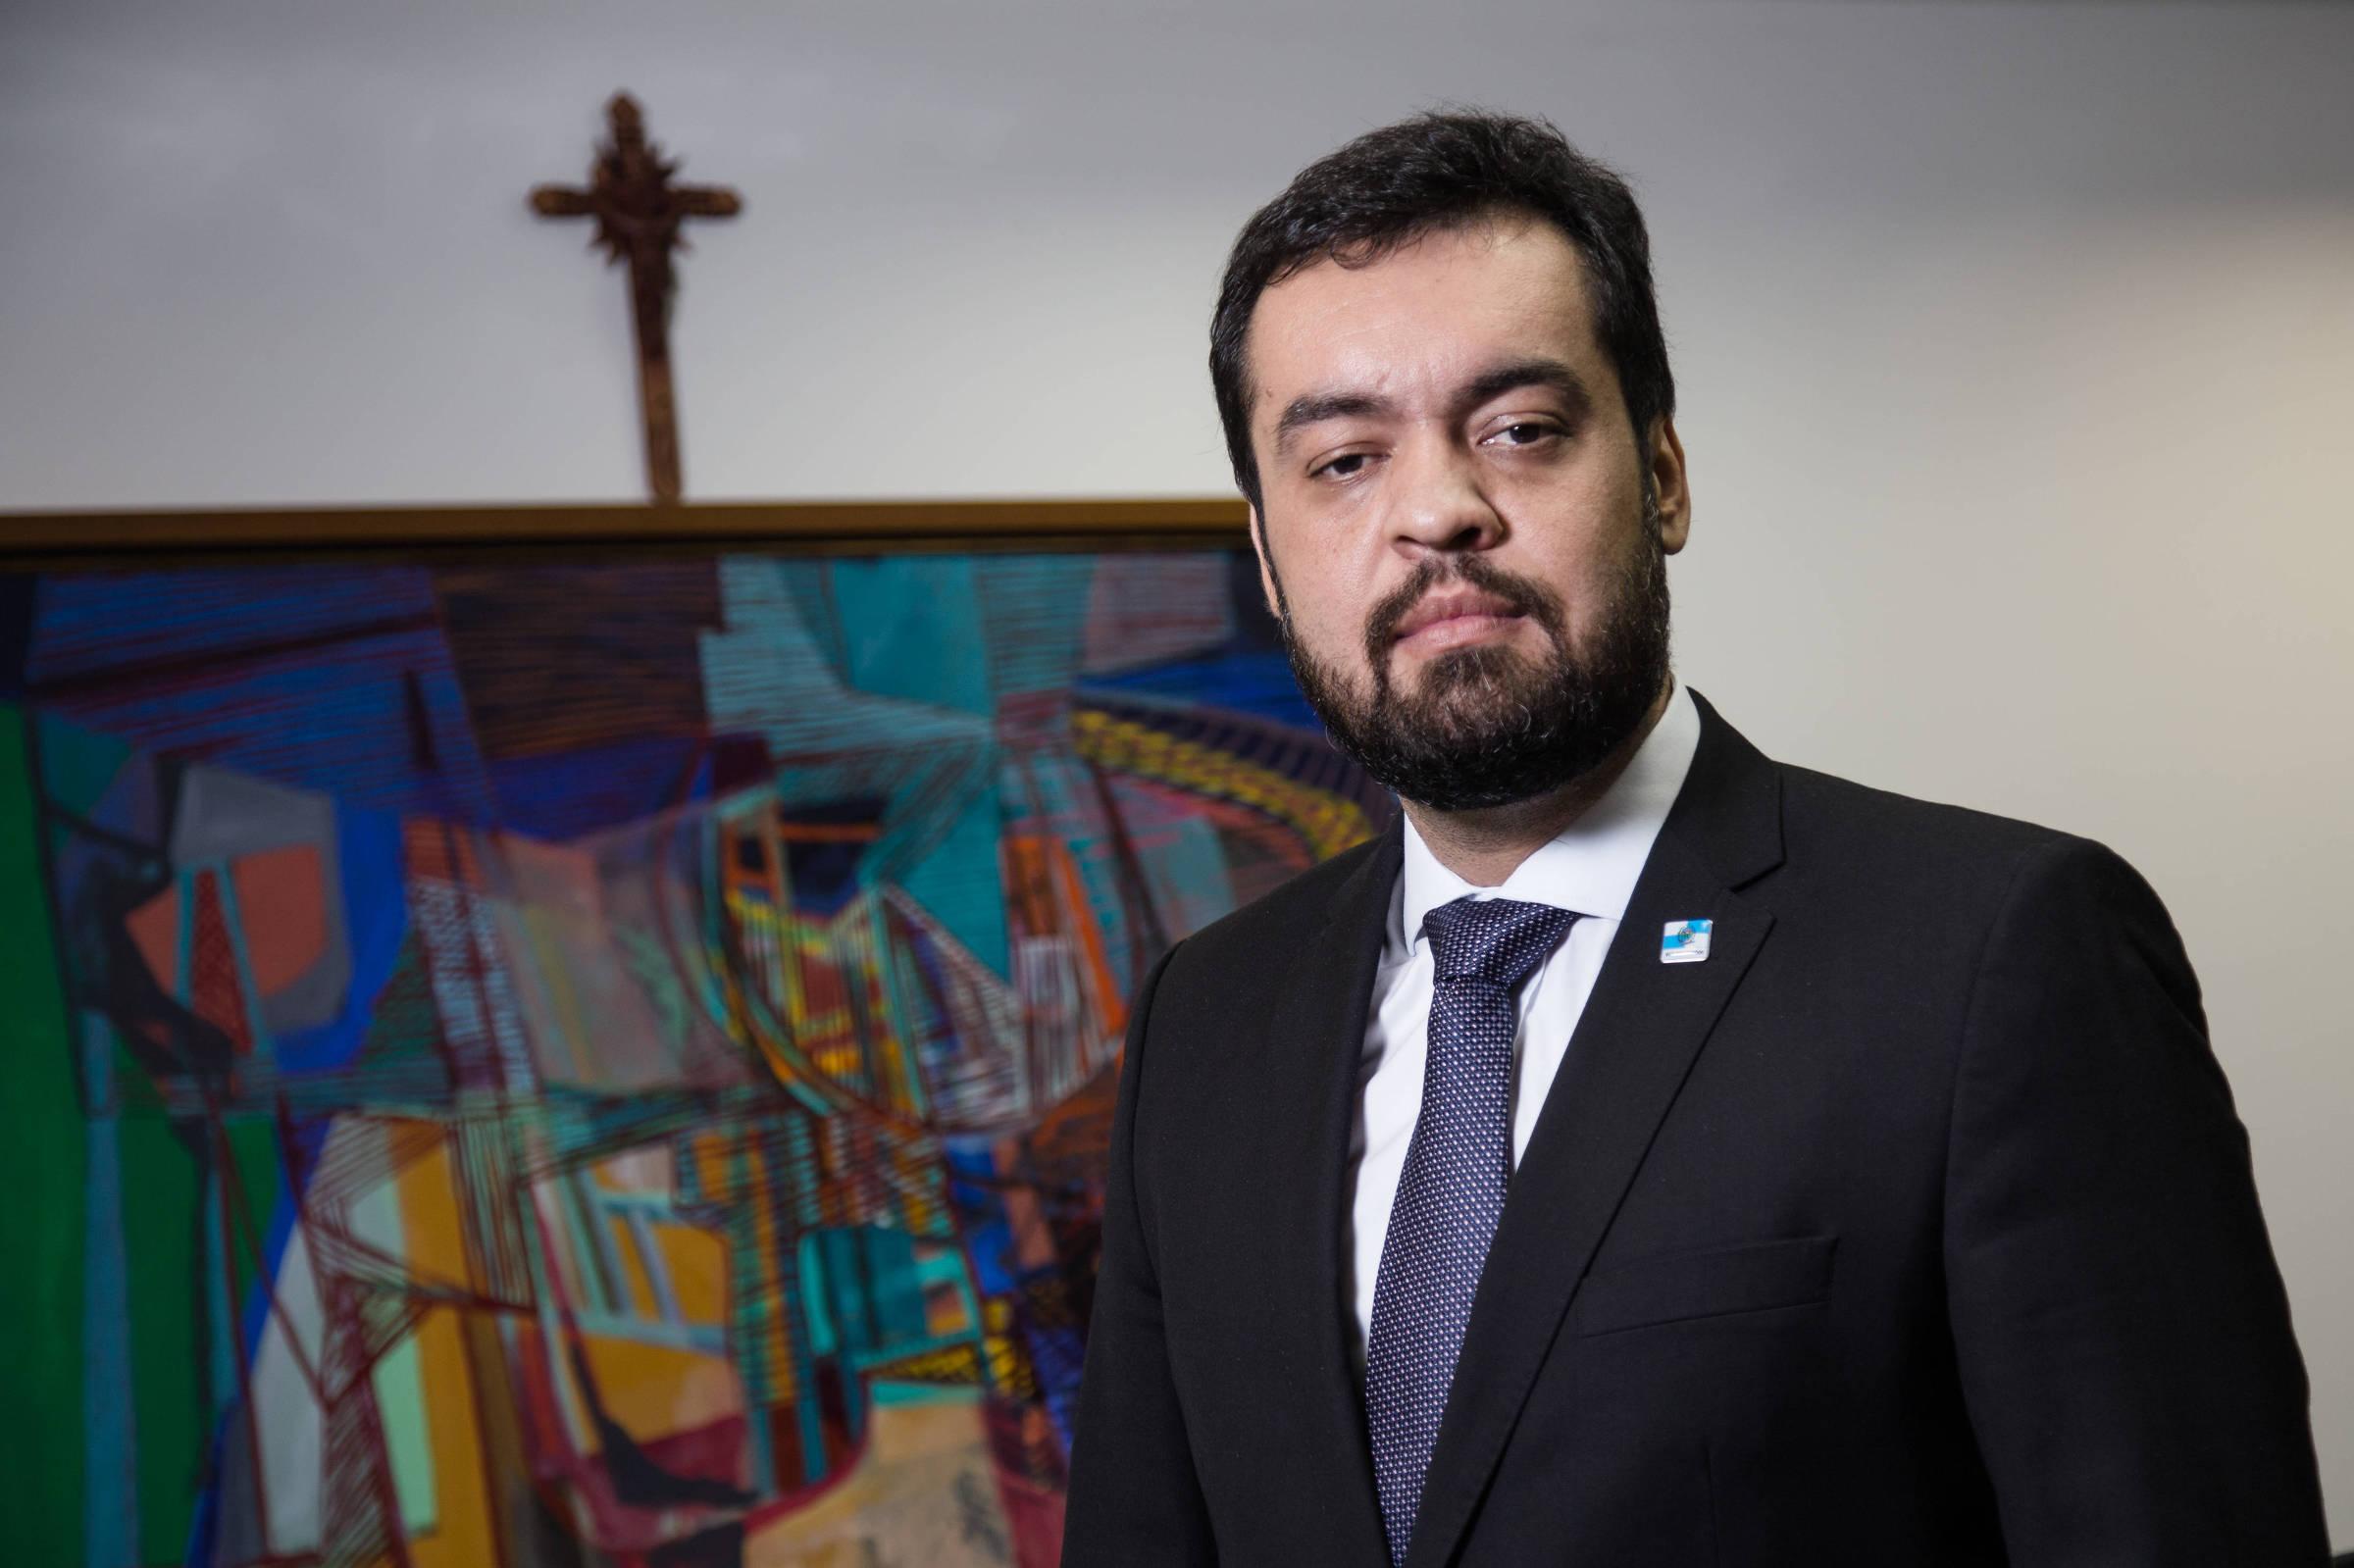 Popstar católico, vice vira 'primeiro-assessor' de Witzel no Governo do RJ - 16/06/2019 - Poder - Folha